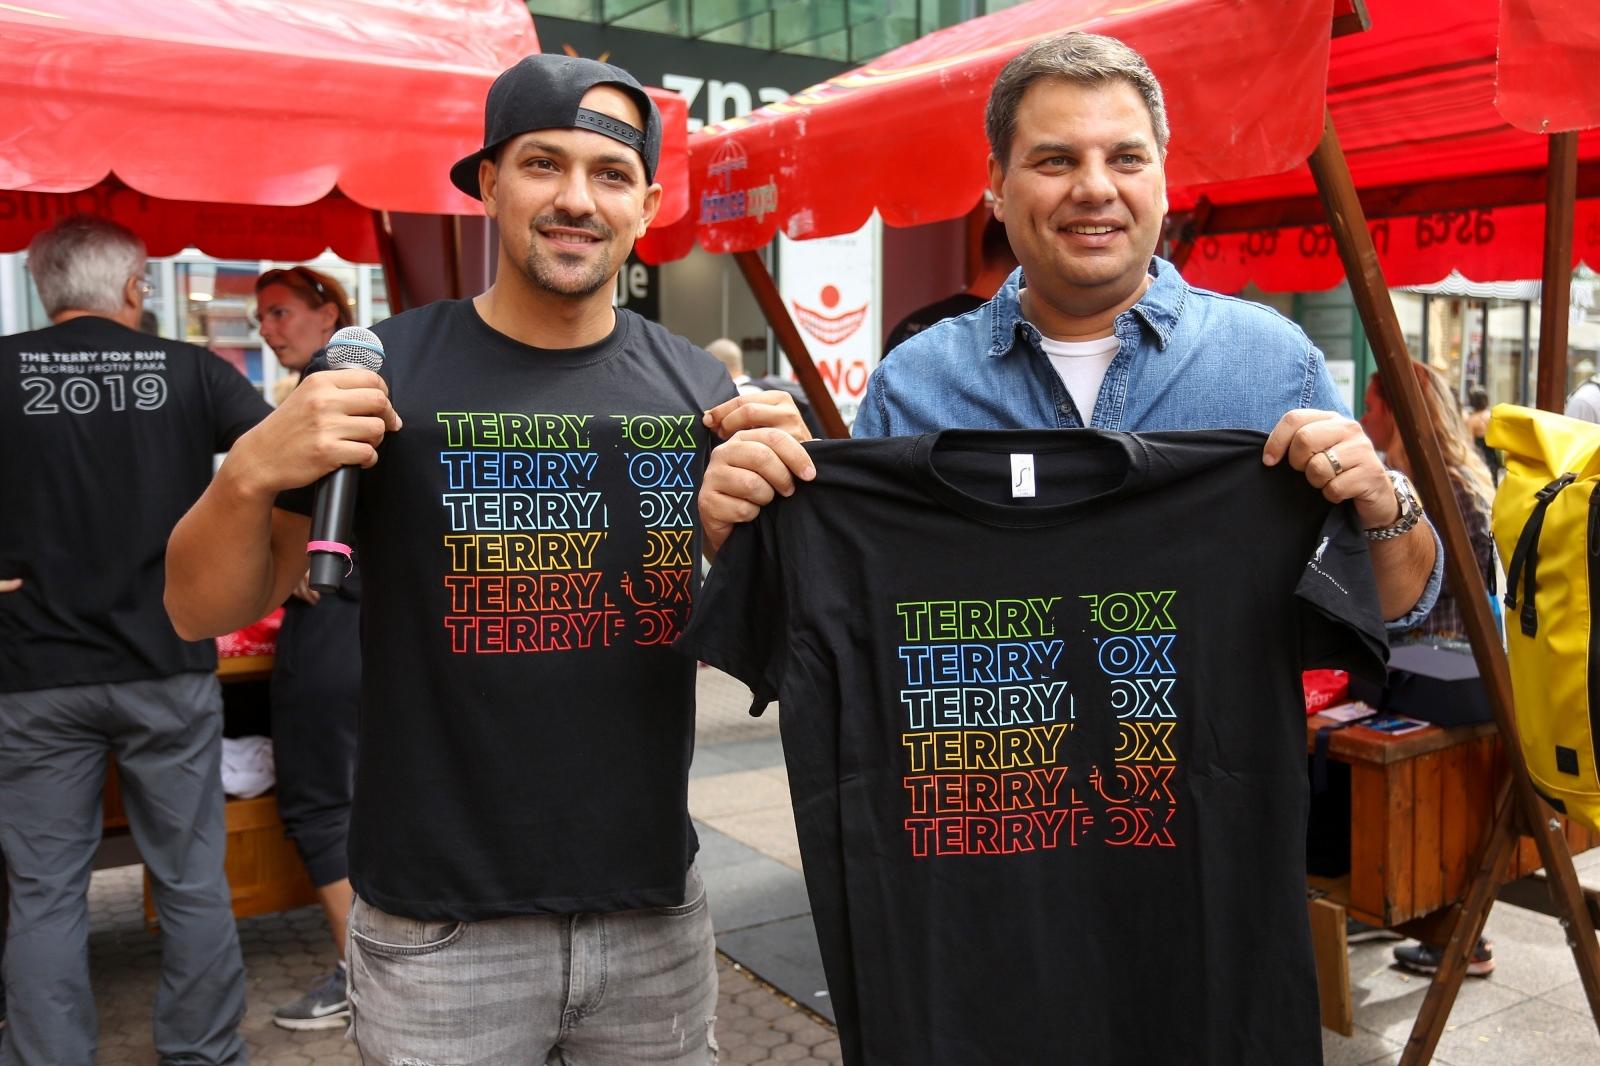 Kupovinom promotivnih materijala građani mogu podržati inicijativu Terry Fox Run-a